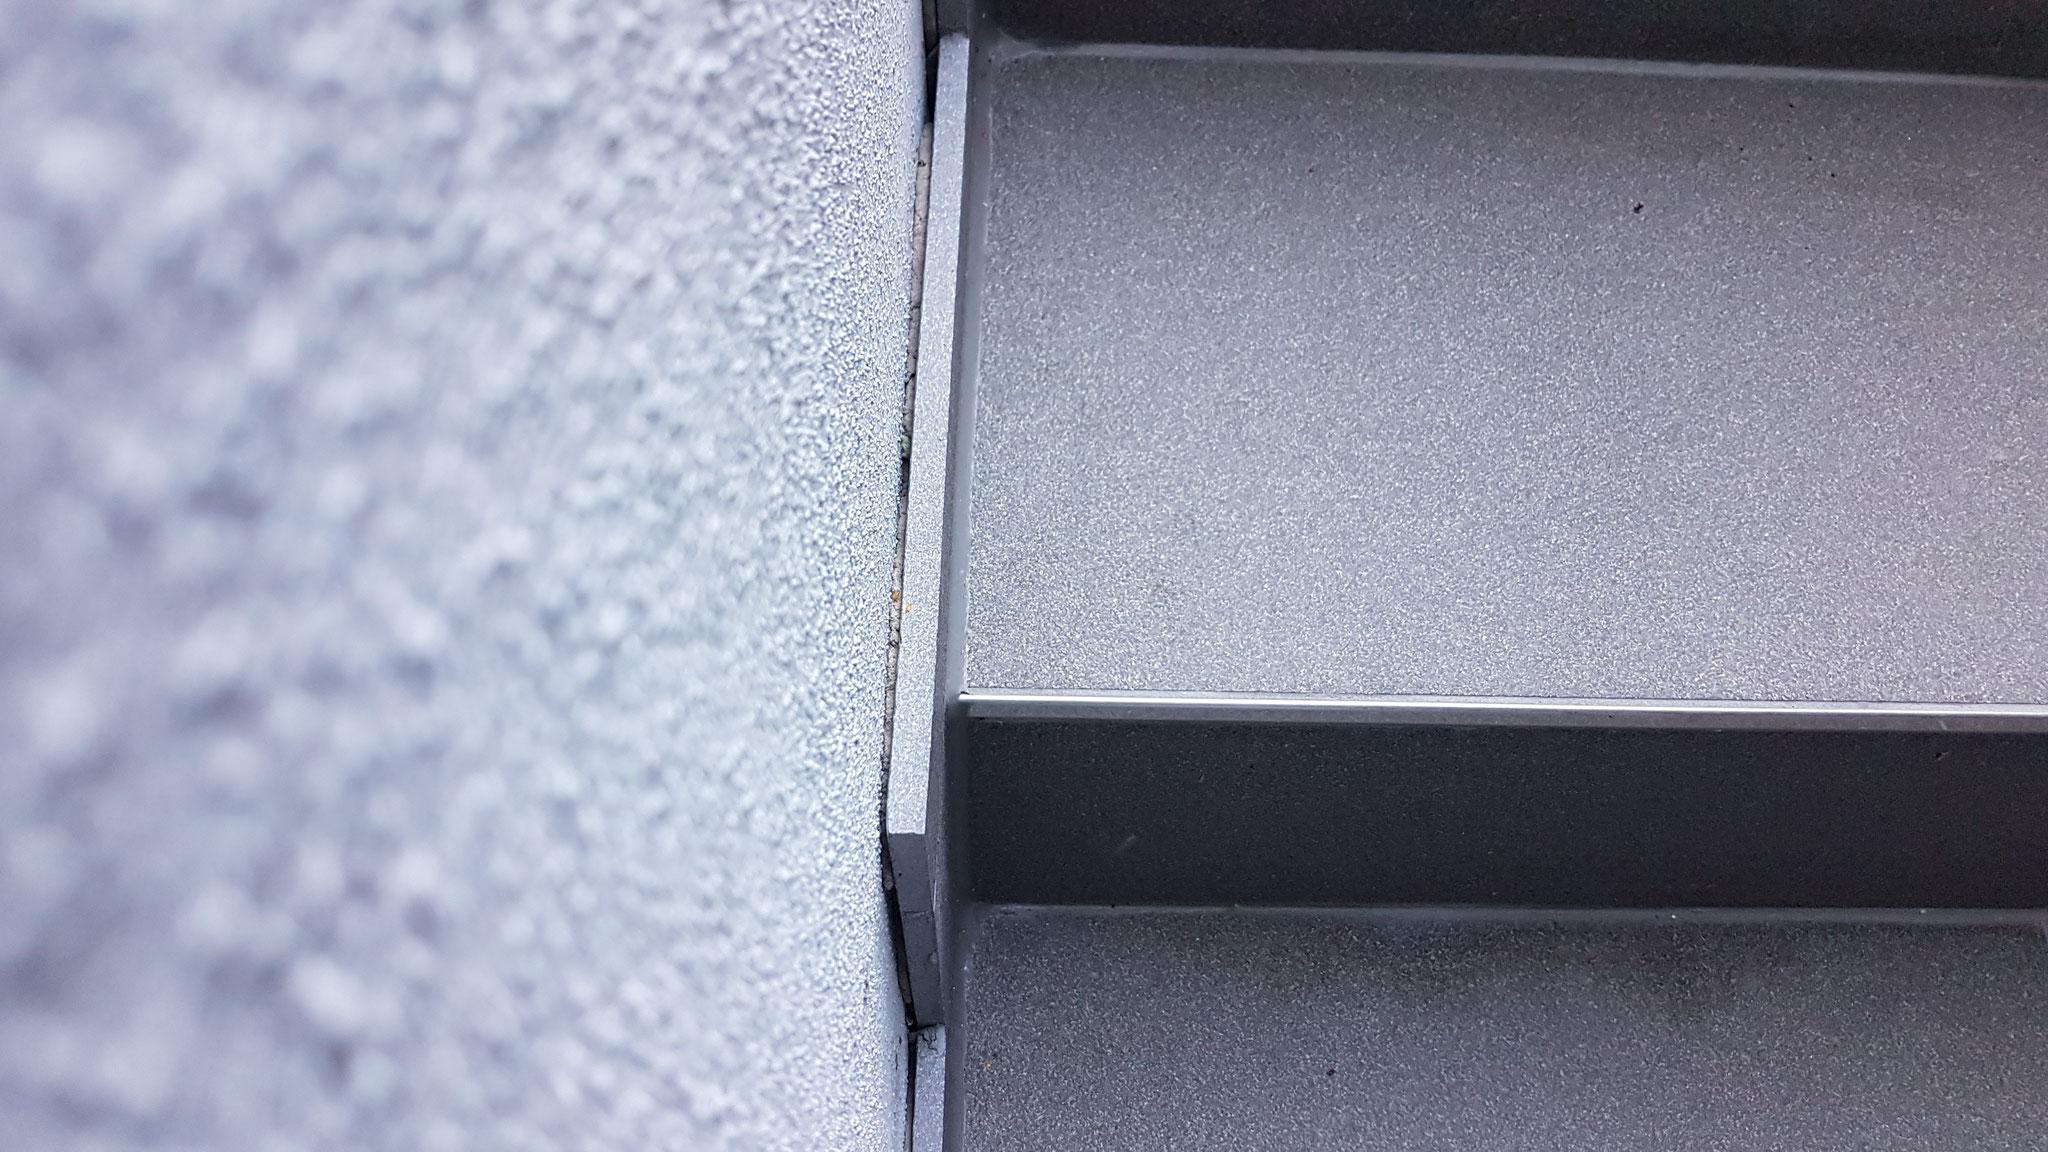 Vorher- Kellerabgang mit fehlender Versiegelung